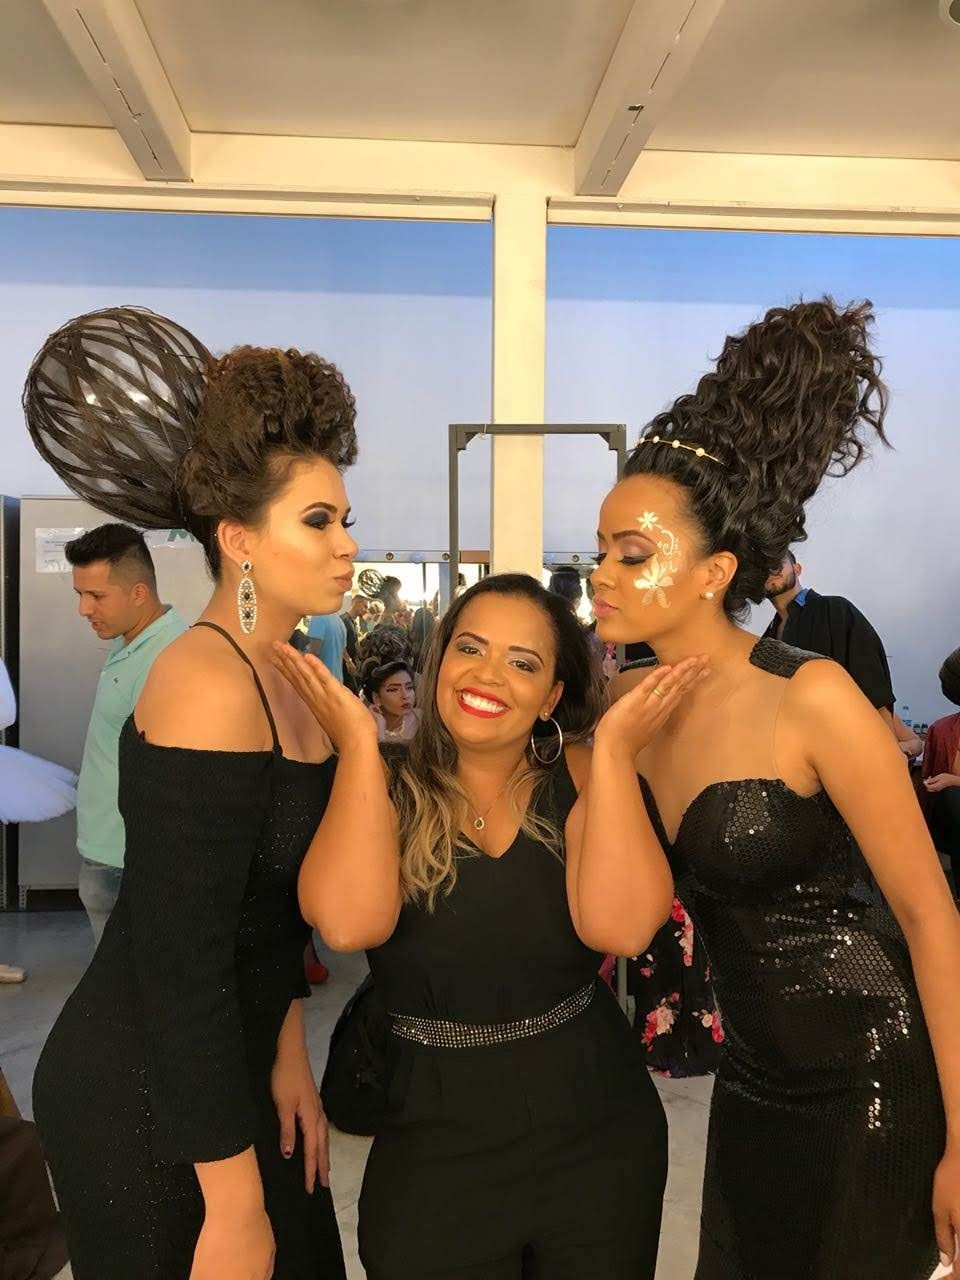 Deus, amor e muito Trabalho esse é o segredo cabelo stylist / visagista empresário(a) maquiador(a) designer de sobrancelhas dermopigmentador(a) estudante cabeleireiro(a) coordenador(a) consultor(a) estudante (visagista) aromaterapeuta outros